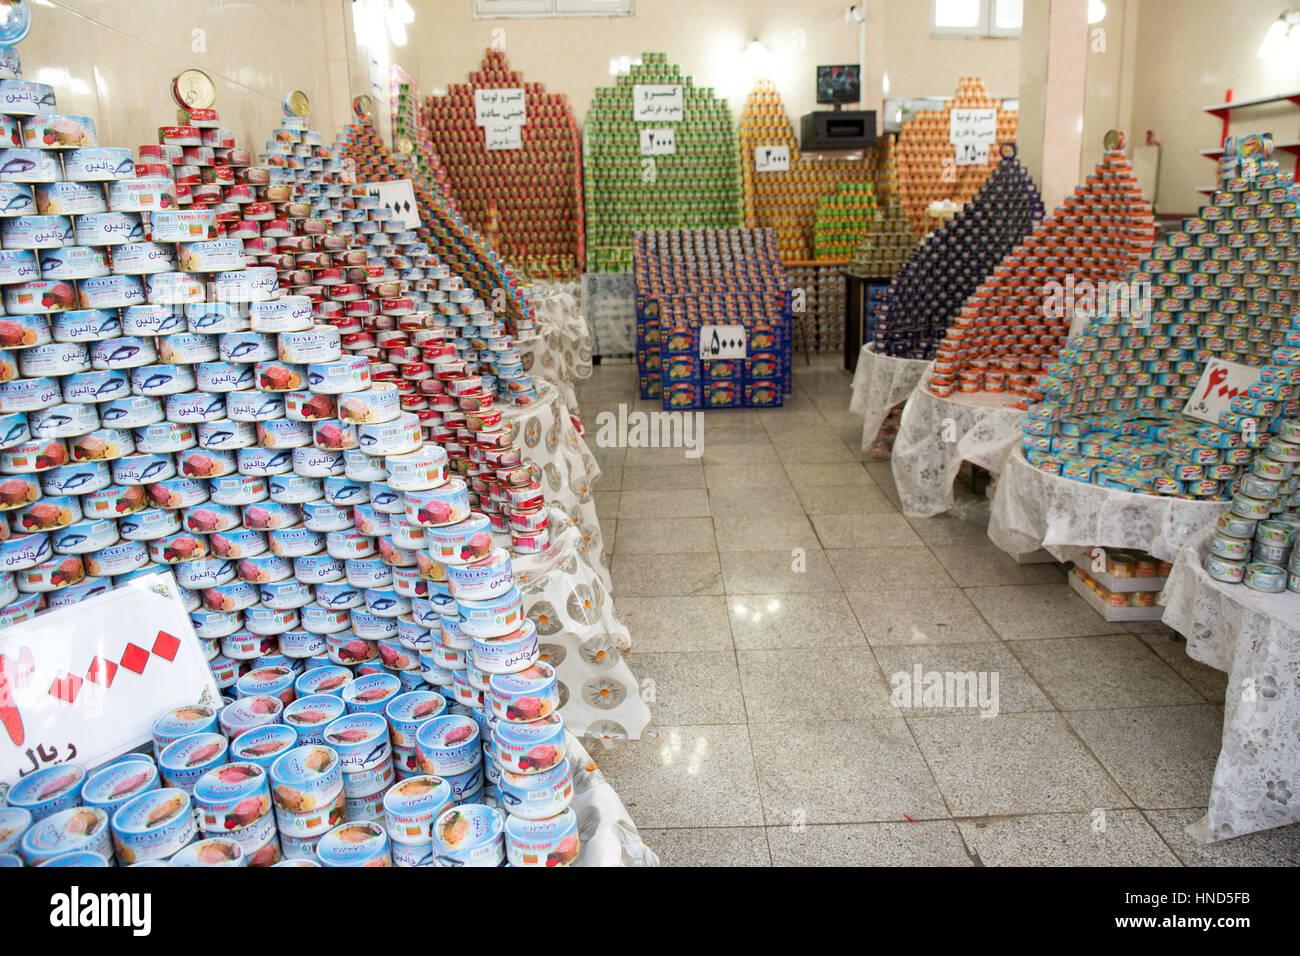 Thunfisch In Dosen Shop Historischen Basar Tabriz Osten Der Provinz Aserbaidschan Iran Stockfotografie Alamy